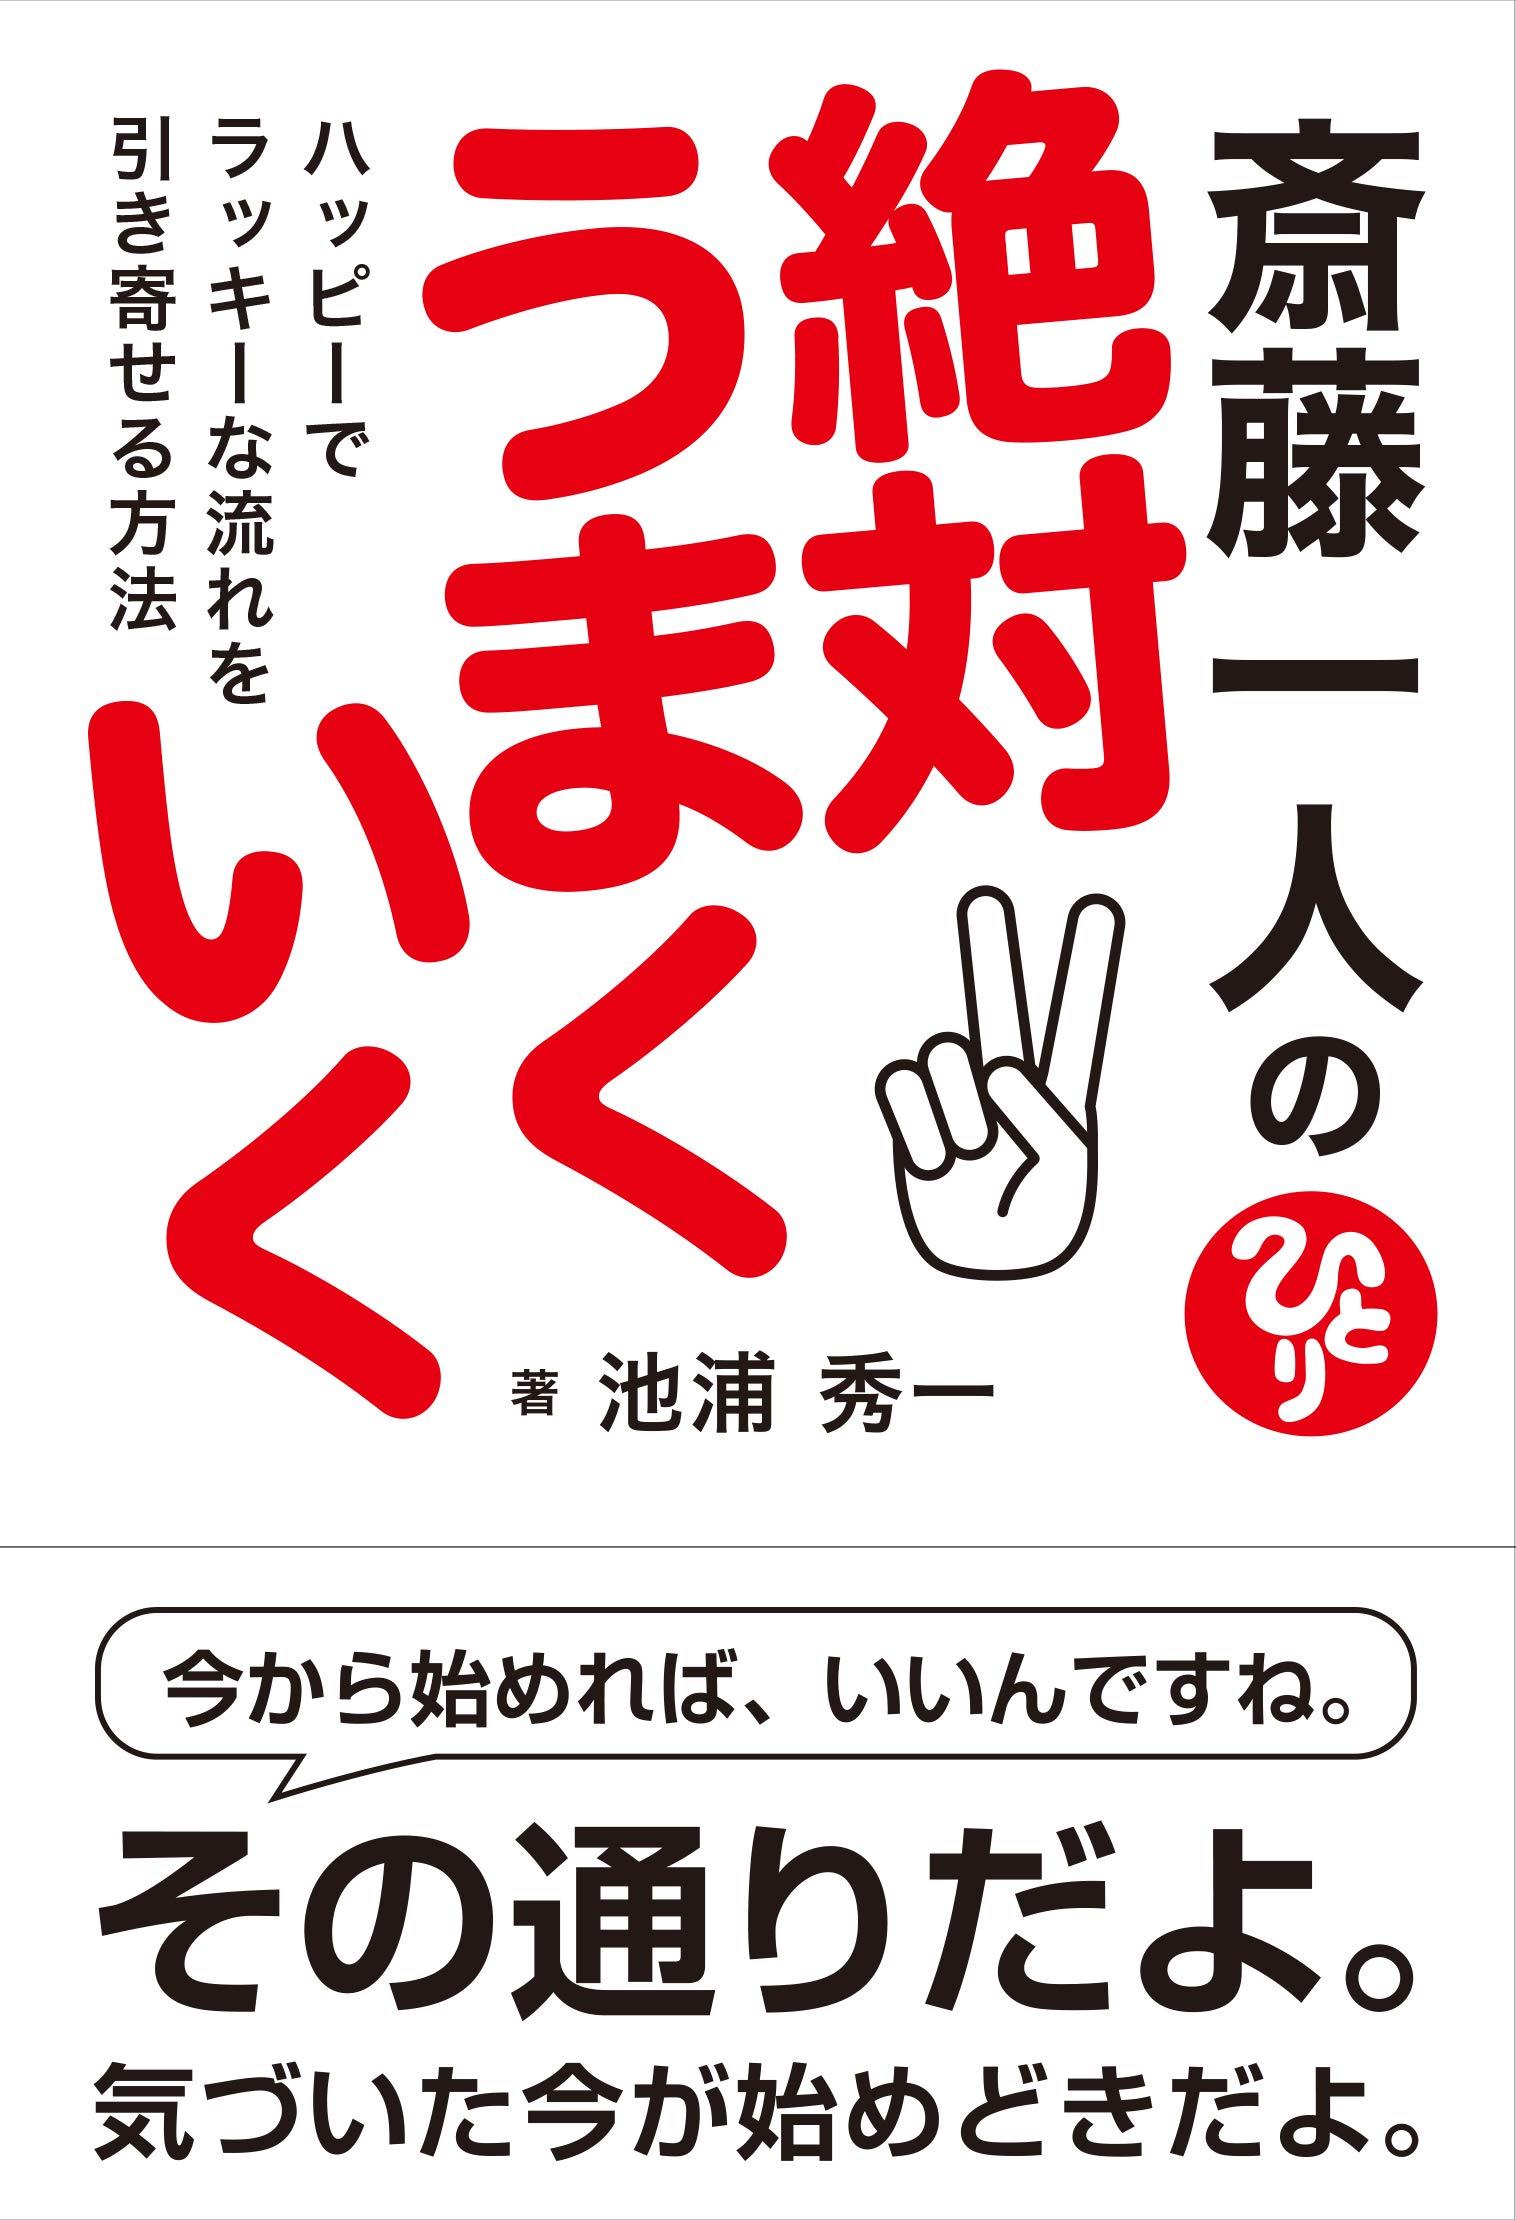 斎藤一人の絶対うまくいく ハッピーでラッキーな流れを引き寄せる方法